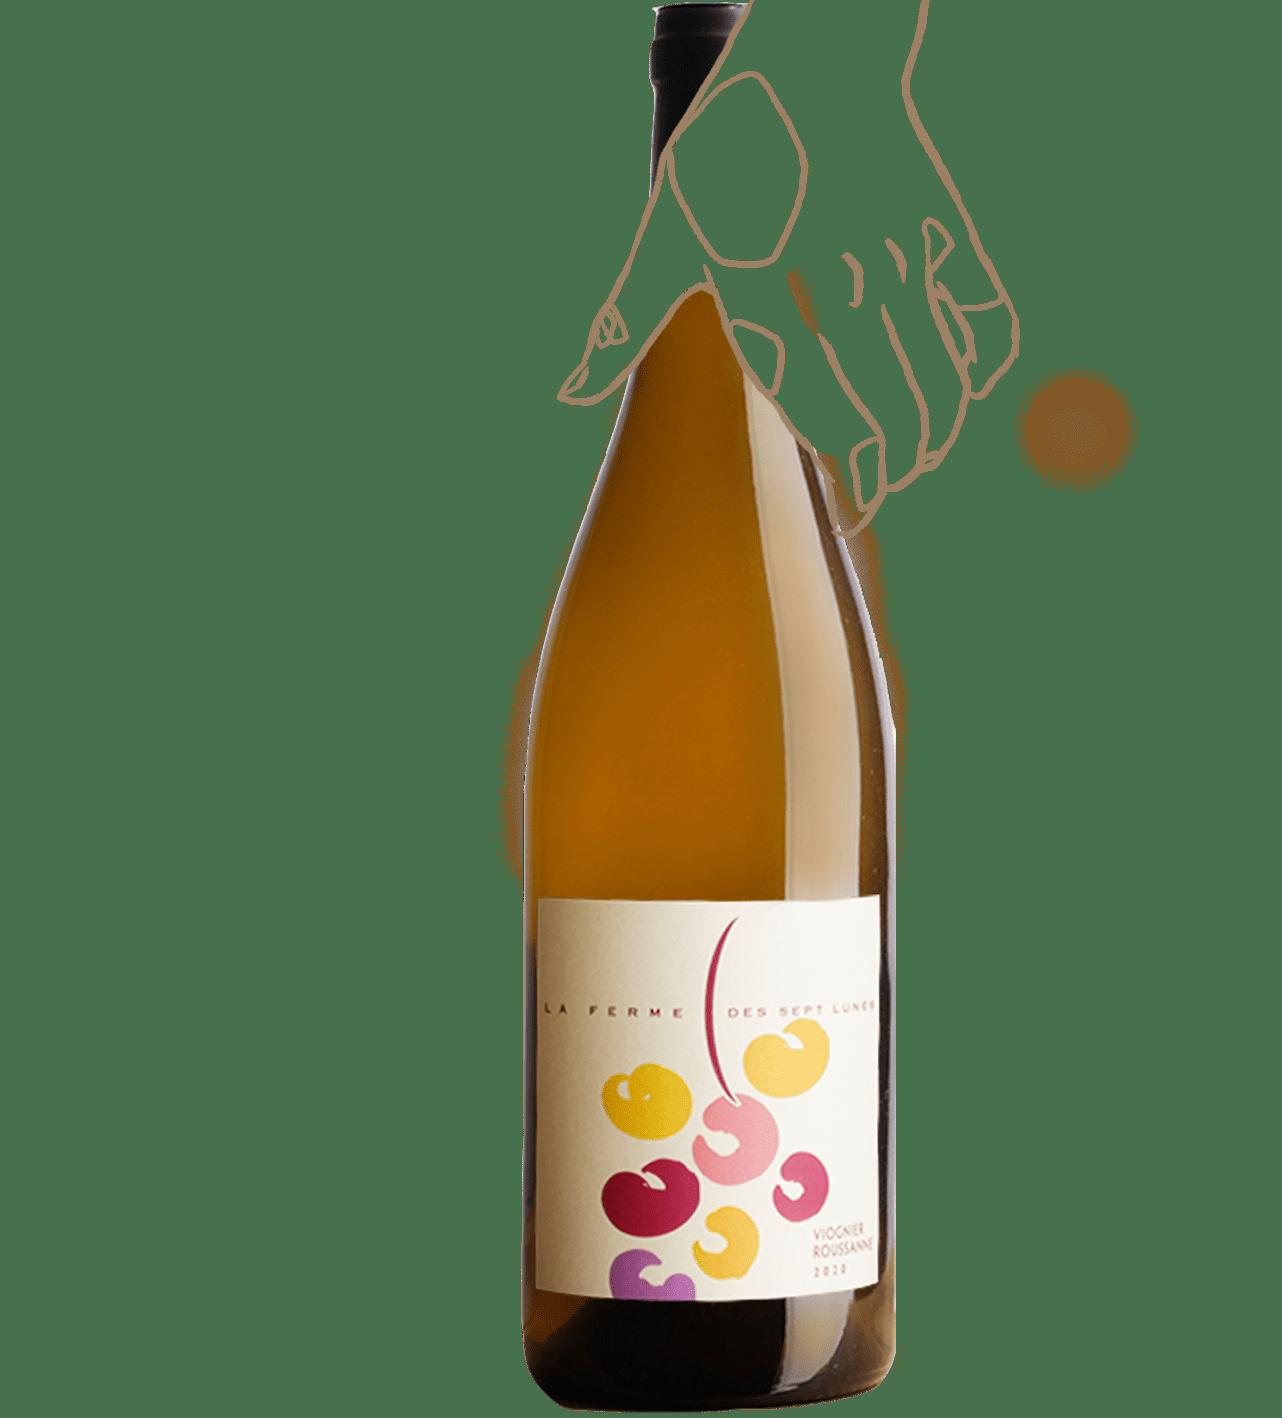 Viognier - Roussanne est un vin nature de la Ferme des 7 lunes